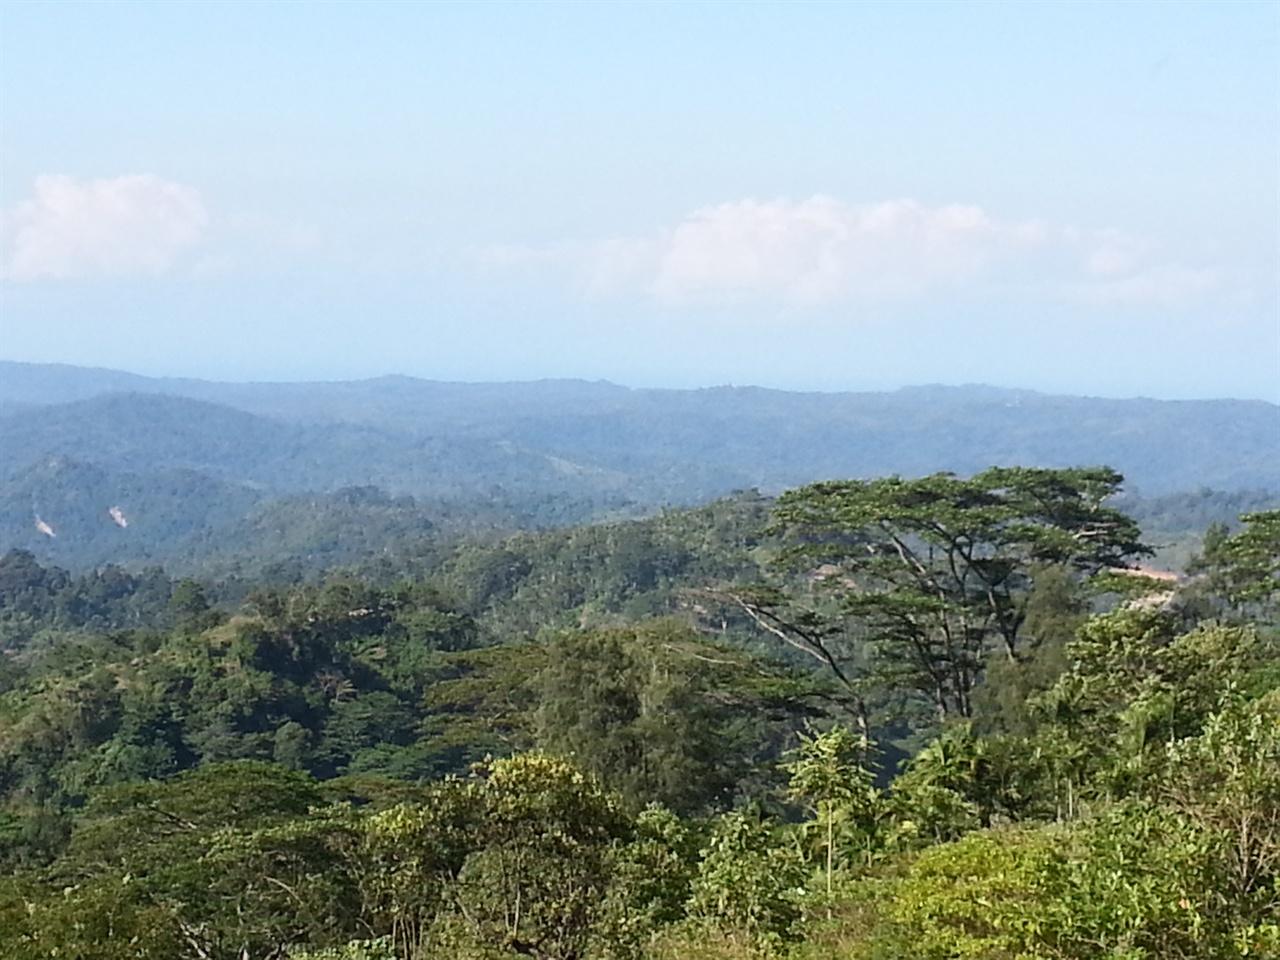 그늘나무 30미터 이상 높이까지 자라지만 숲을 뒤덮을 만큼 잎이 무성하지 않은 그늘나무(shade tree) 아래서 커피나무가 공생하며 자란다